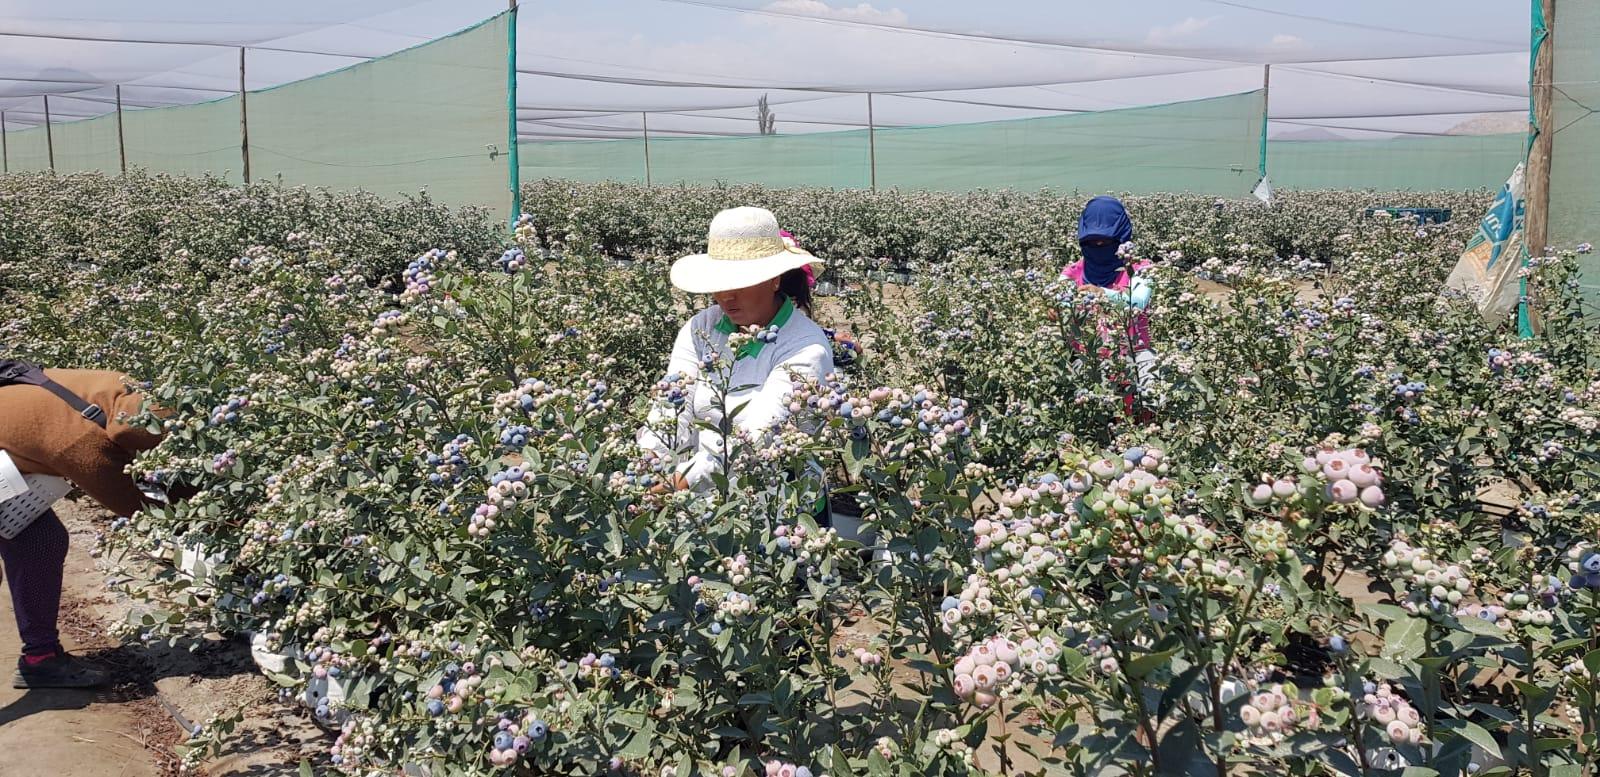 Peru Fresh Blueberry - WhatsApp_Image_2021-09-10_at_14.31.36_2.jpeg